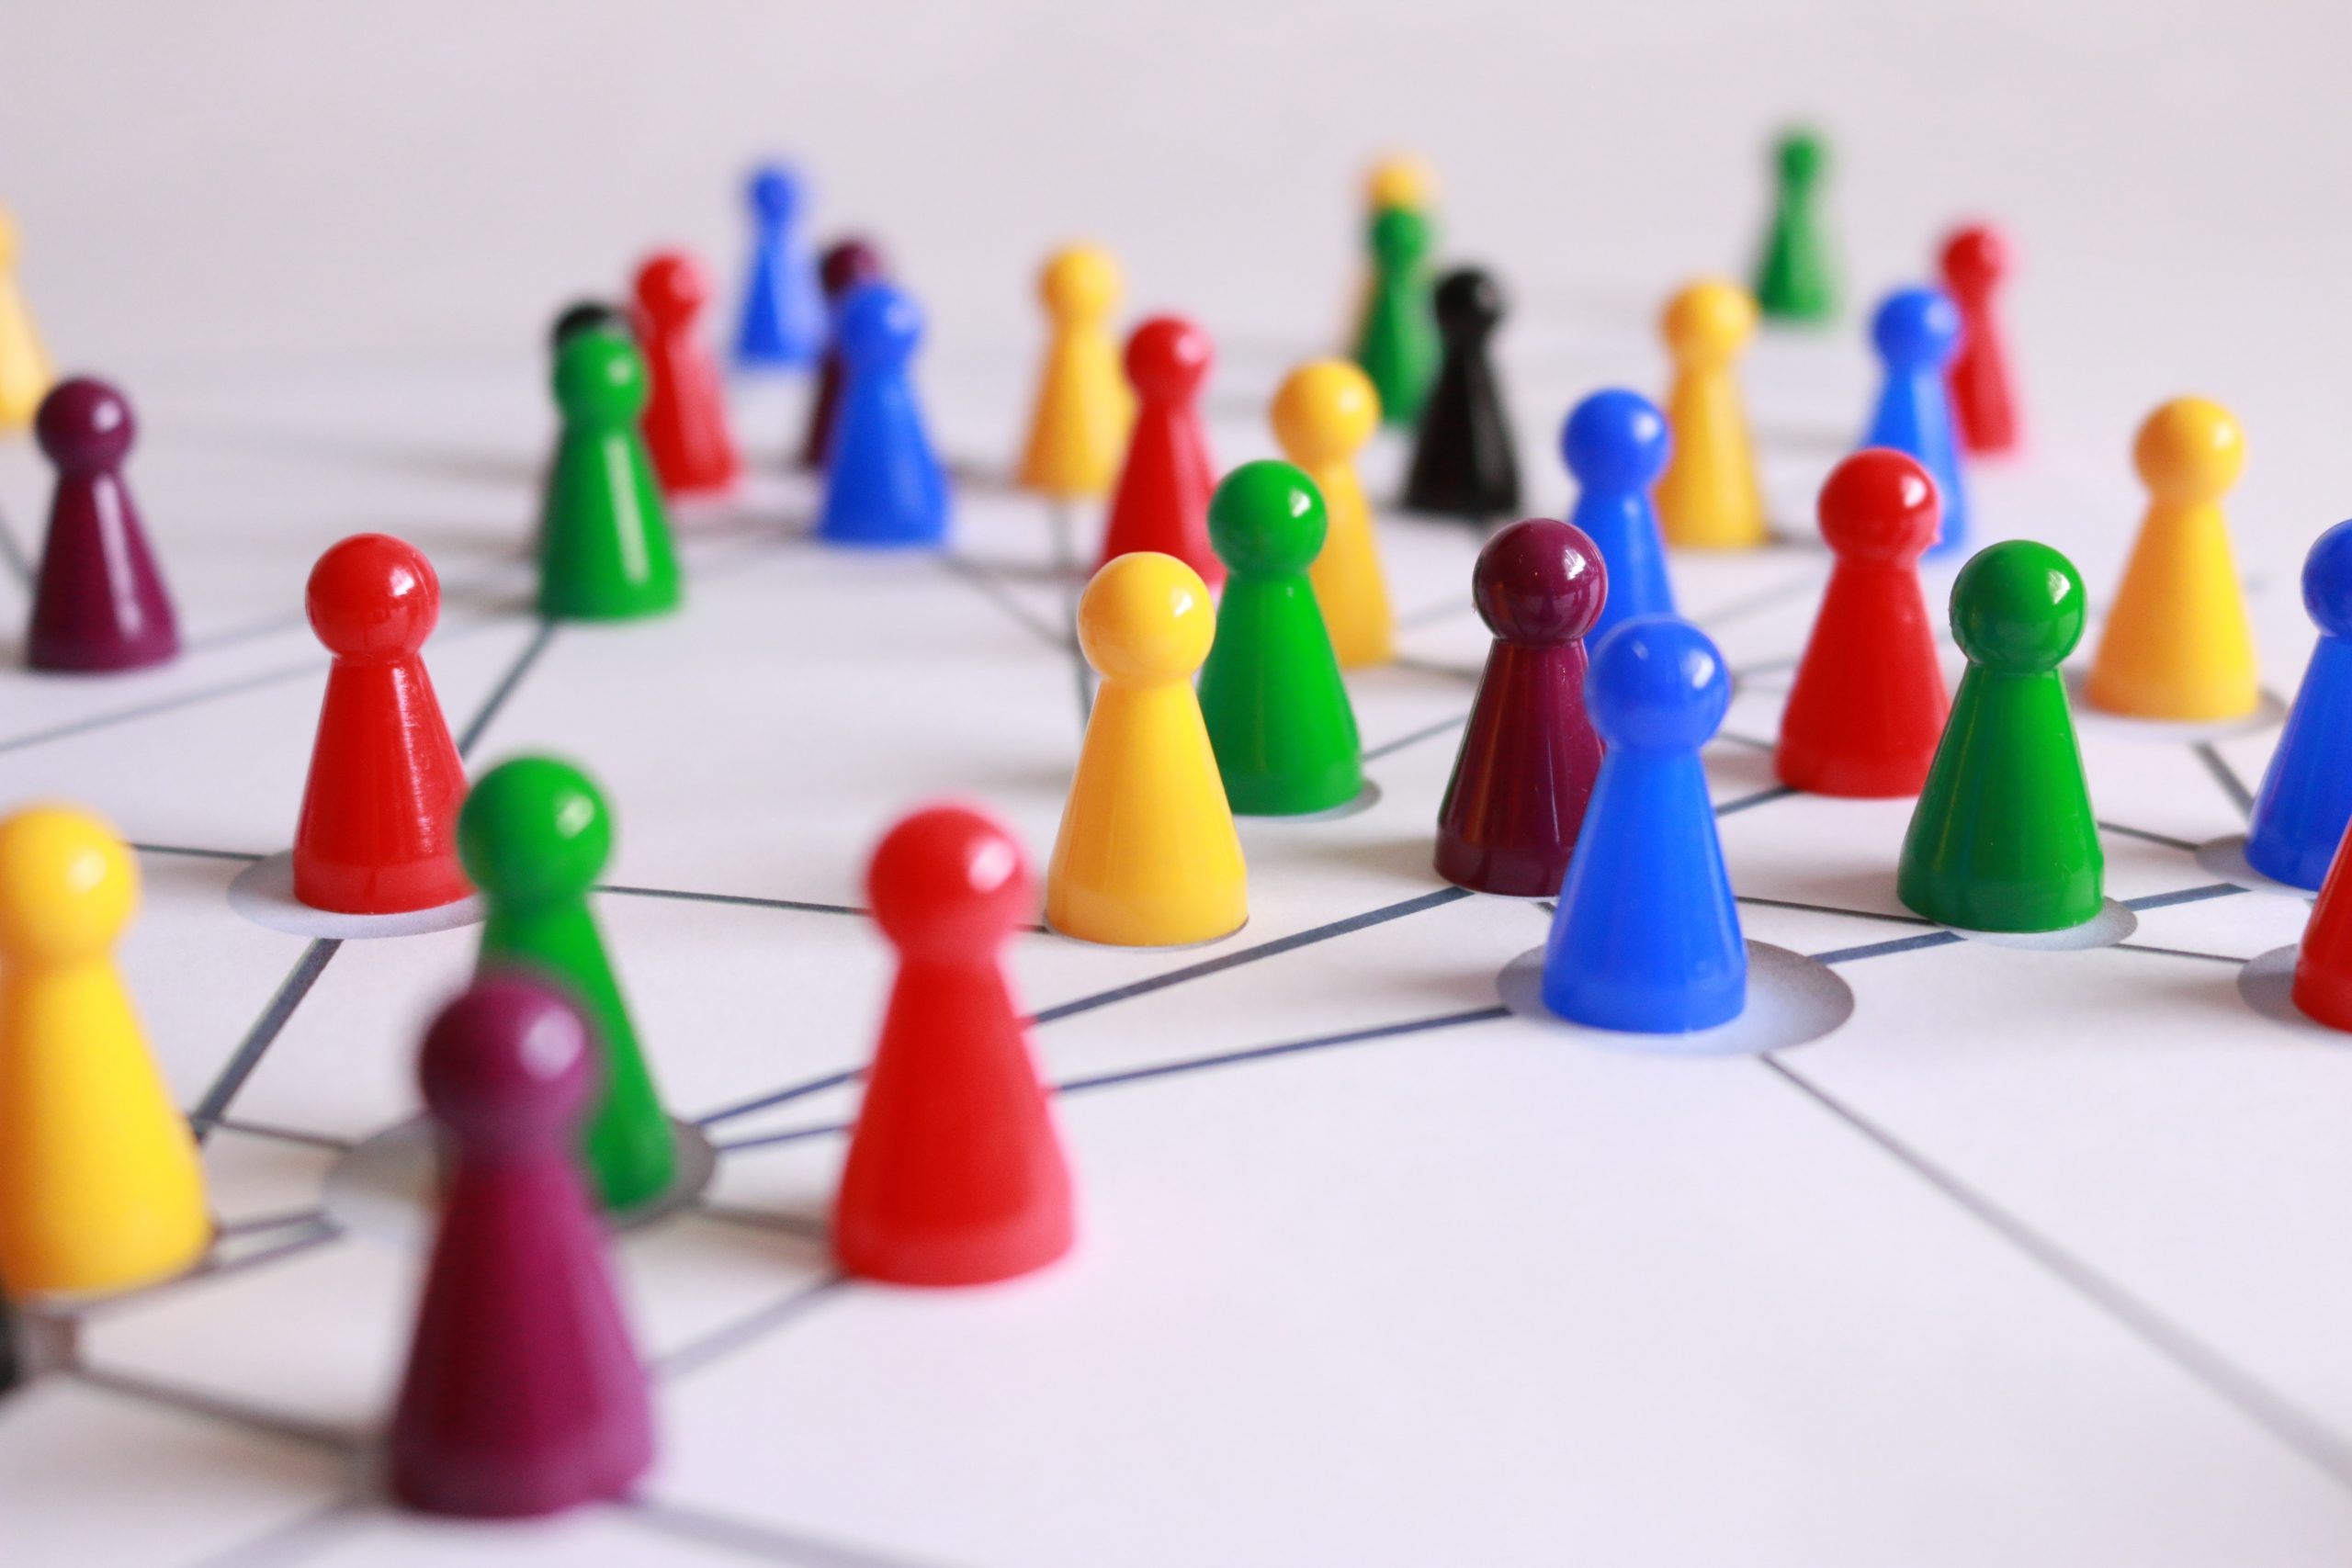 Sistema Multinivel: Qué es y fuentes oficiales de información